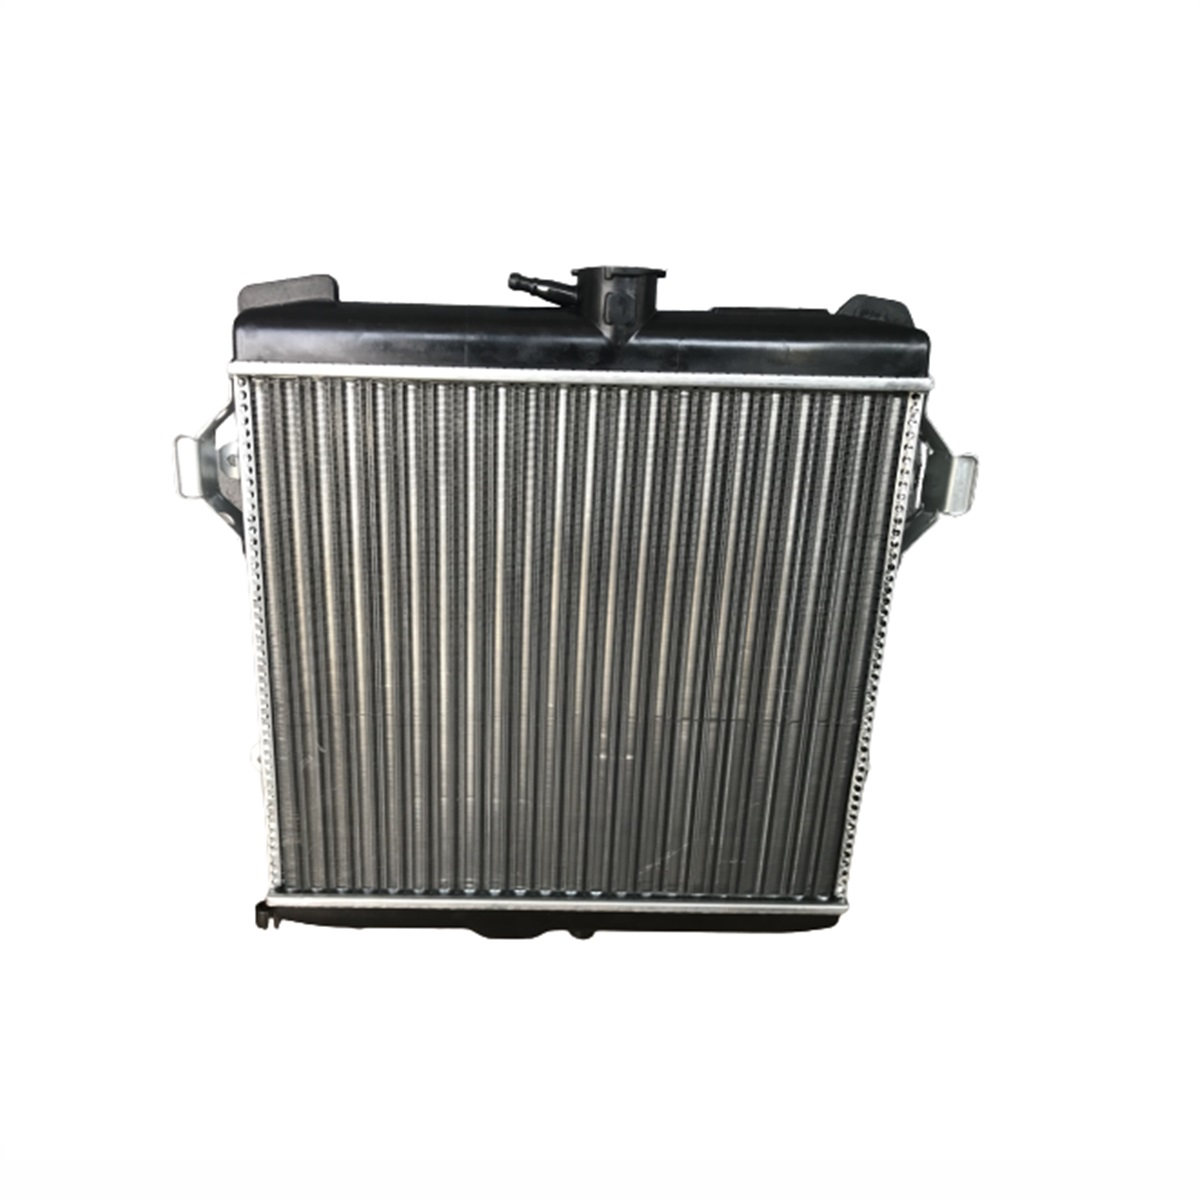 Radiador de Água Chevette 1.4 1.6 Chevy 1.6 Manual S/Ar